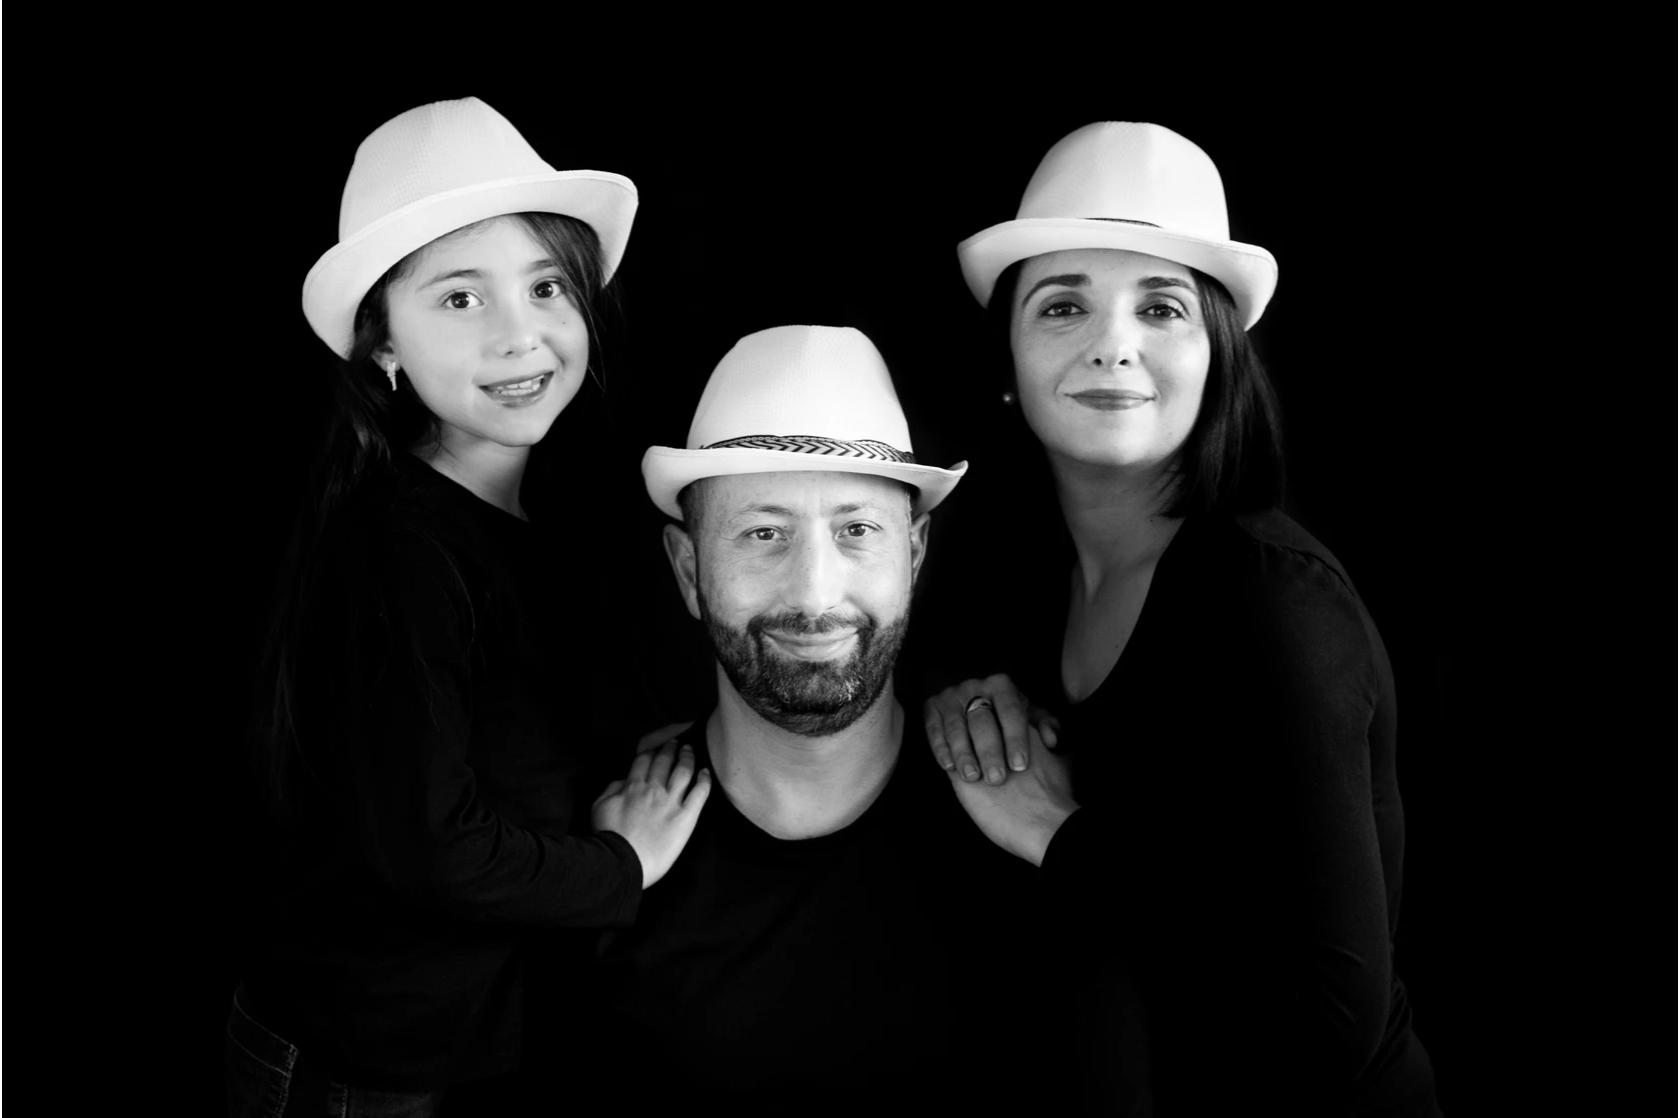 Photographe séance famille noir et blanc avec chapeau